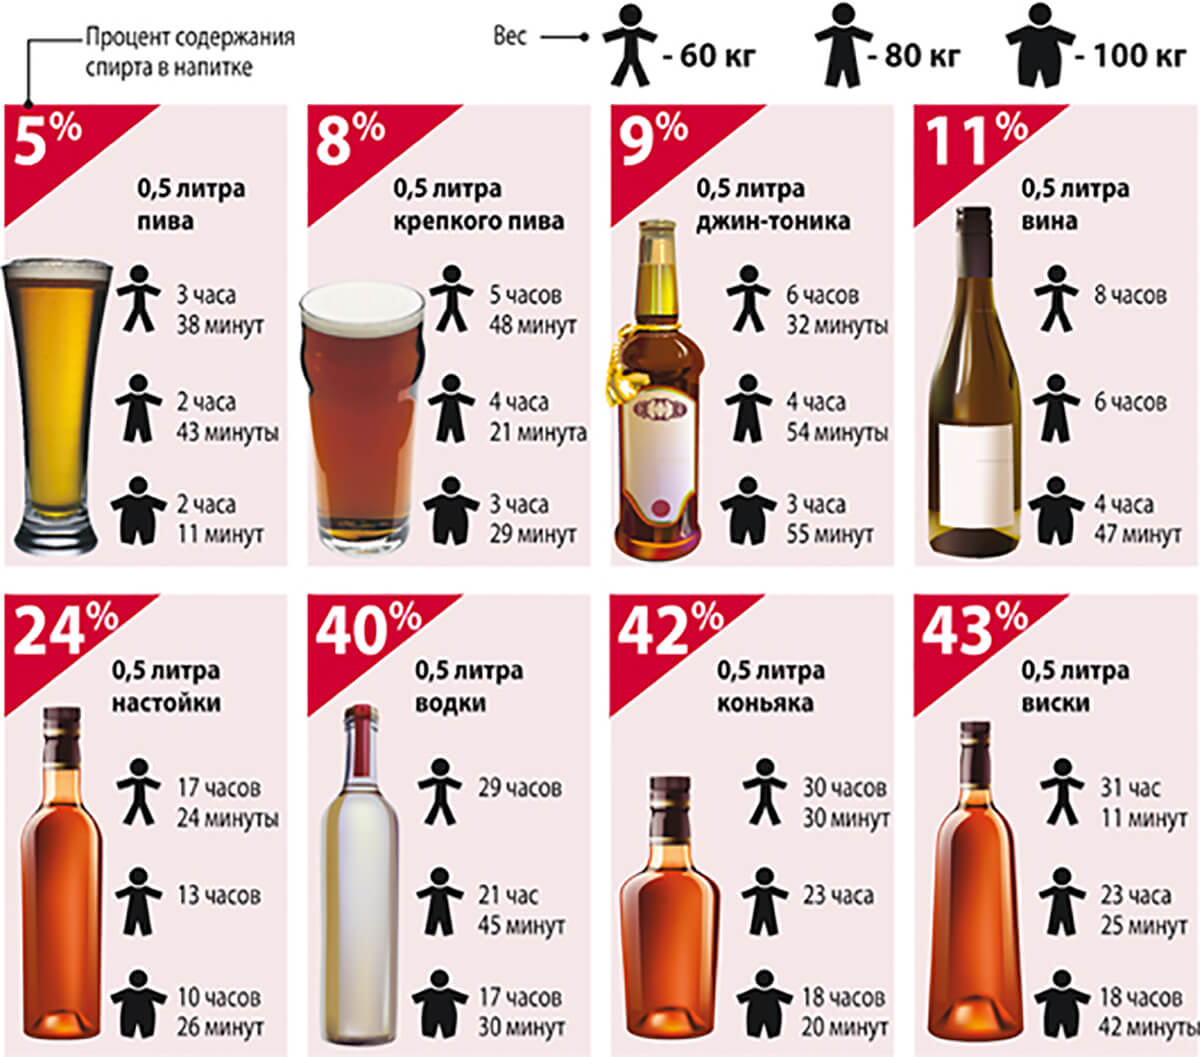 Как сделать чтобы трубка не показала алкоголь